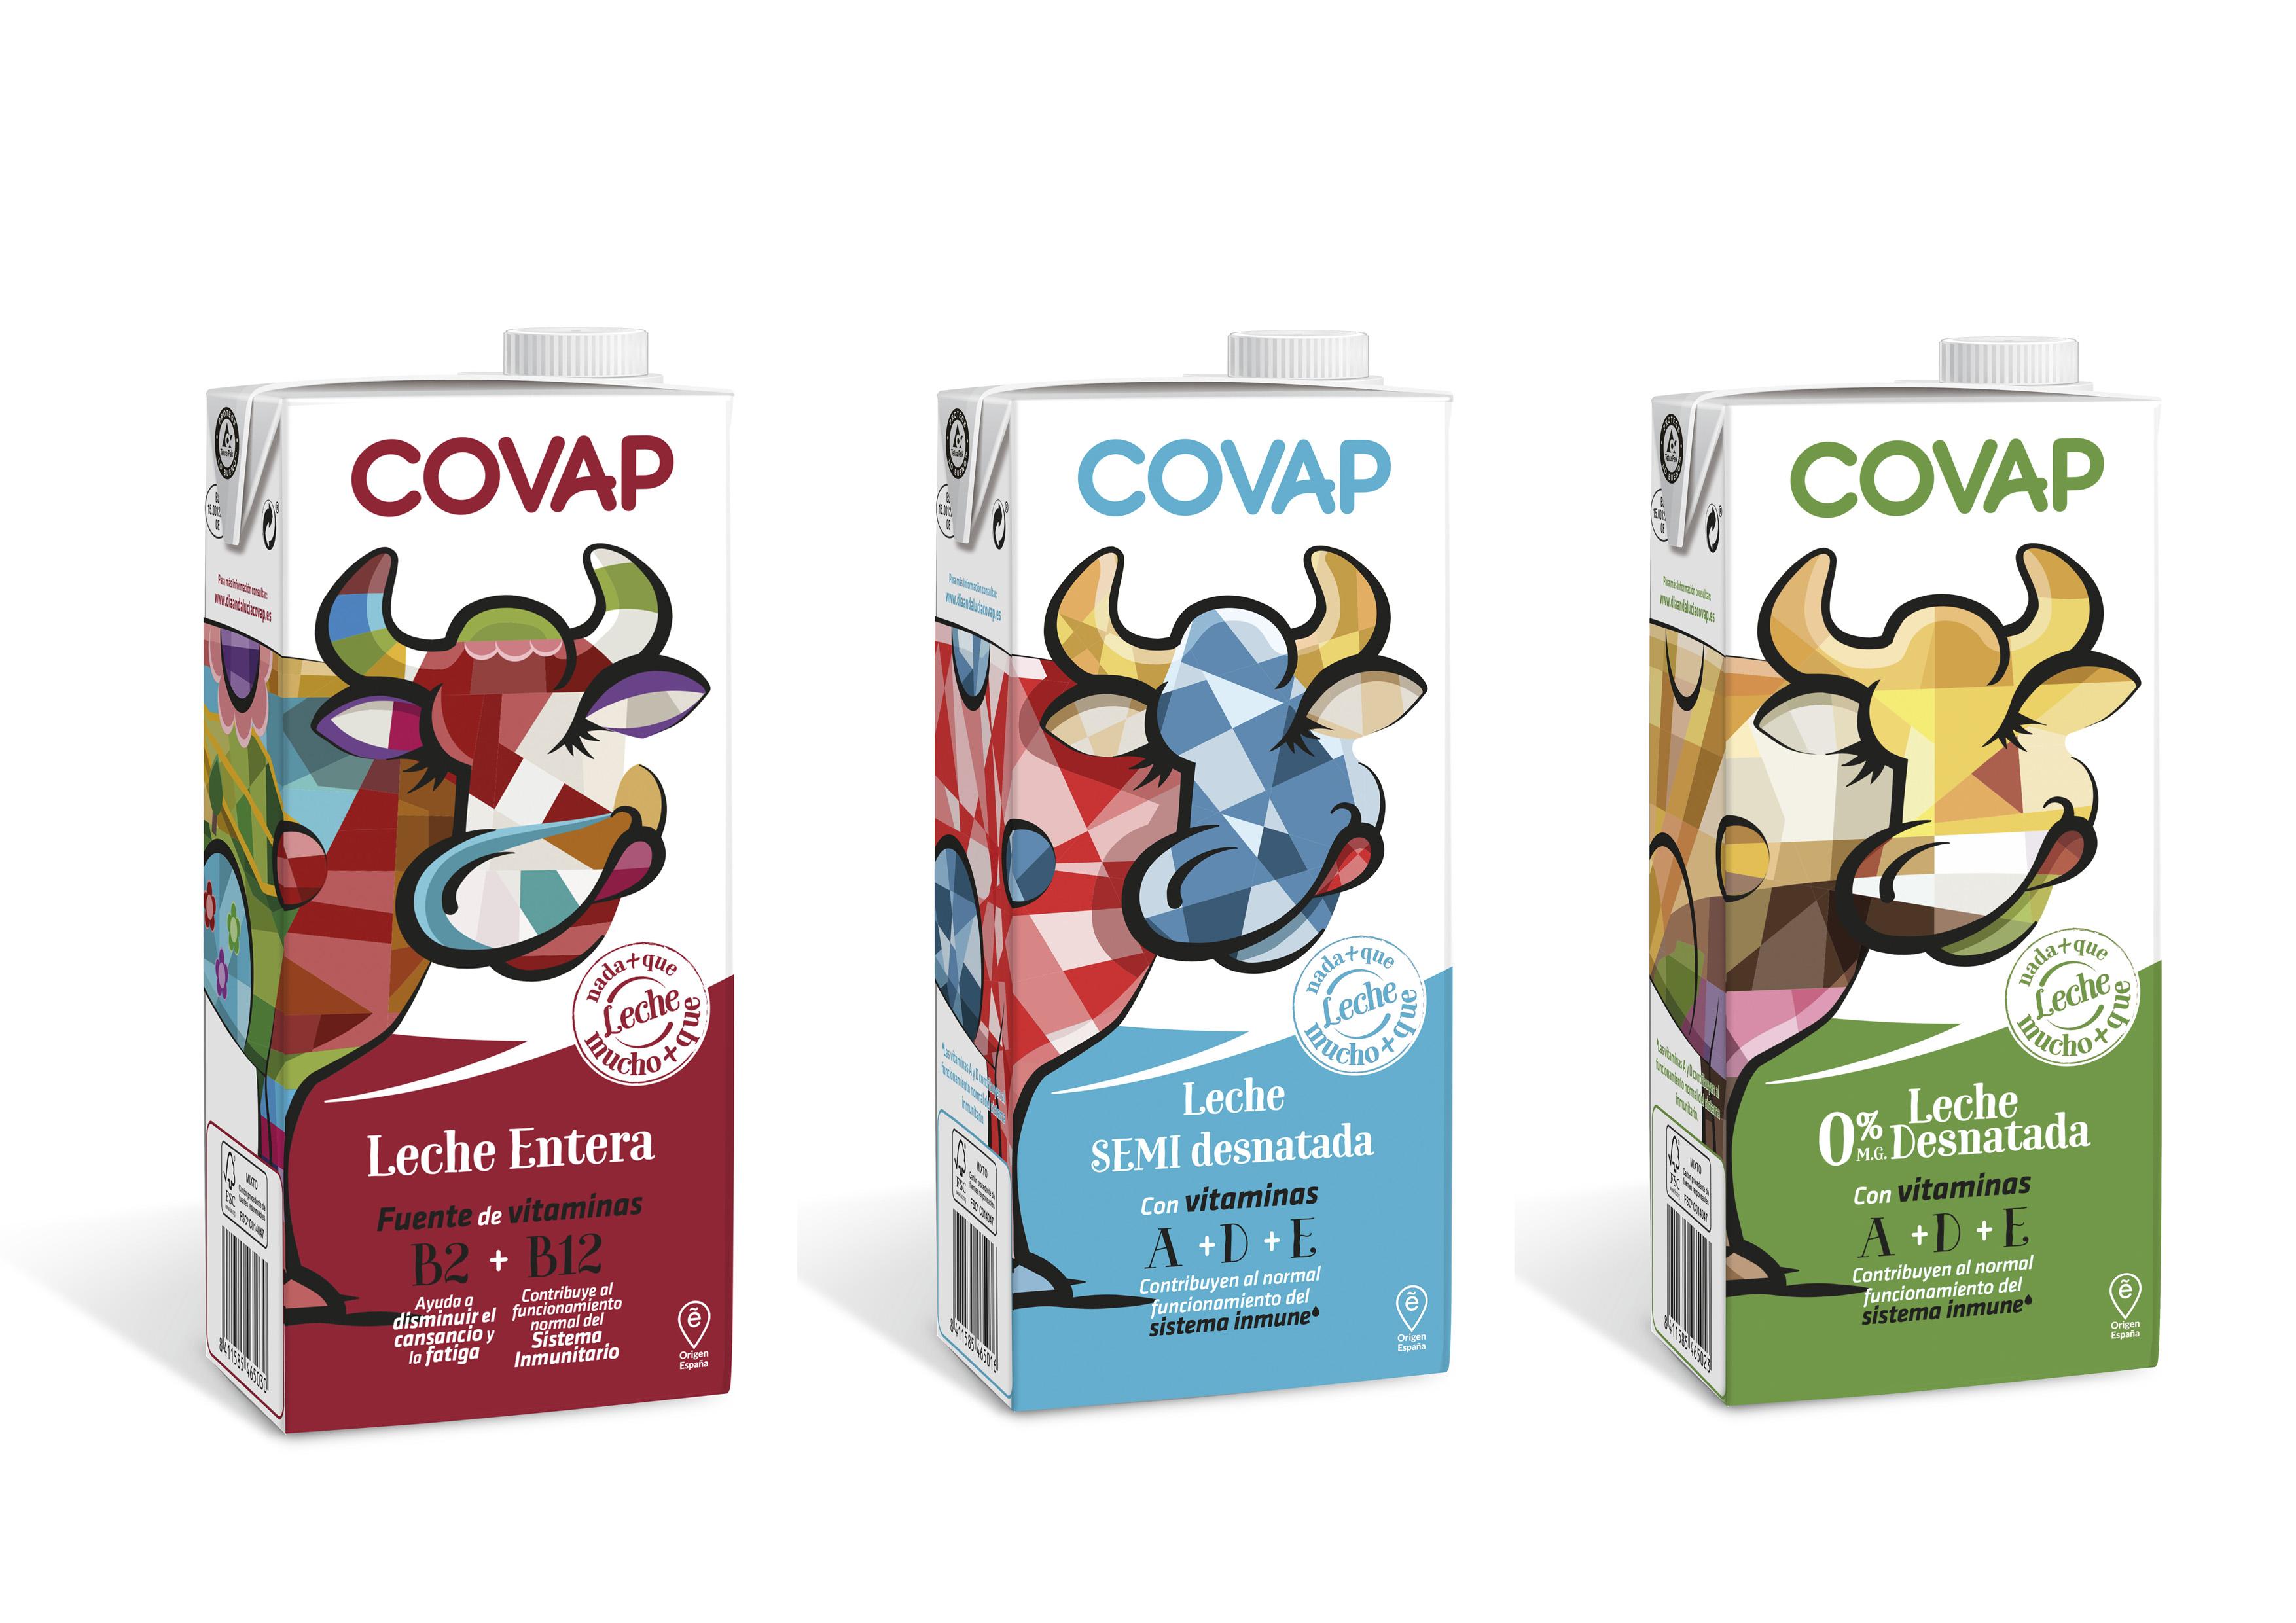 Lácteos COVAP lanza un envase exclusivo diseñado por jóvenes andaluces | COVAP